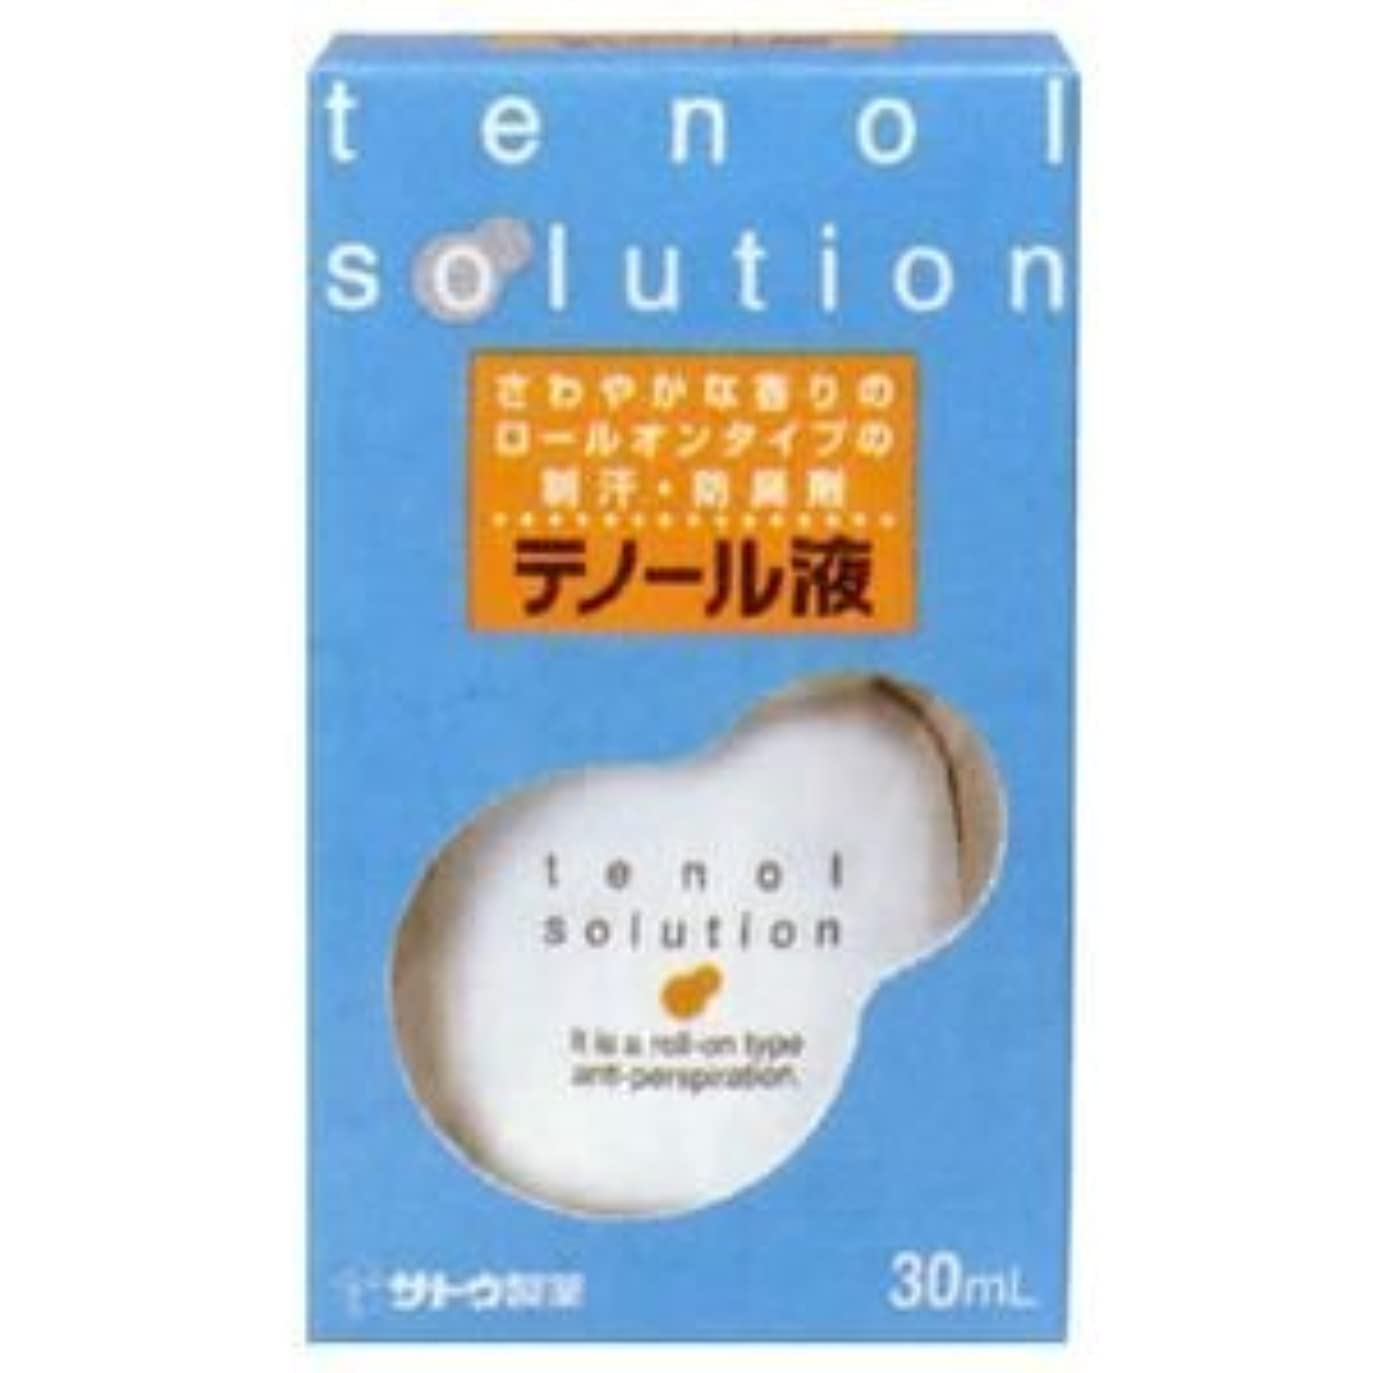 監査航海の一過性佐藤製薬 テノール液(30ml)×2